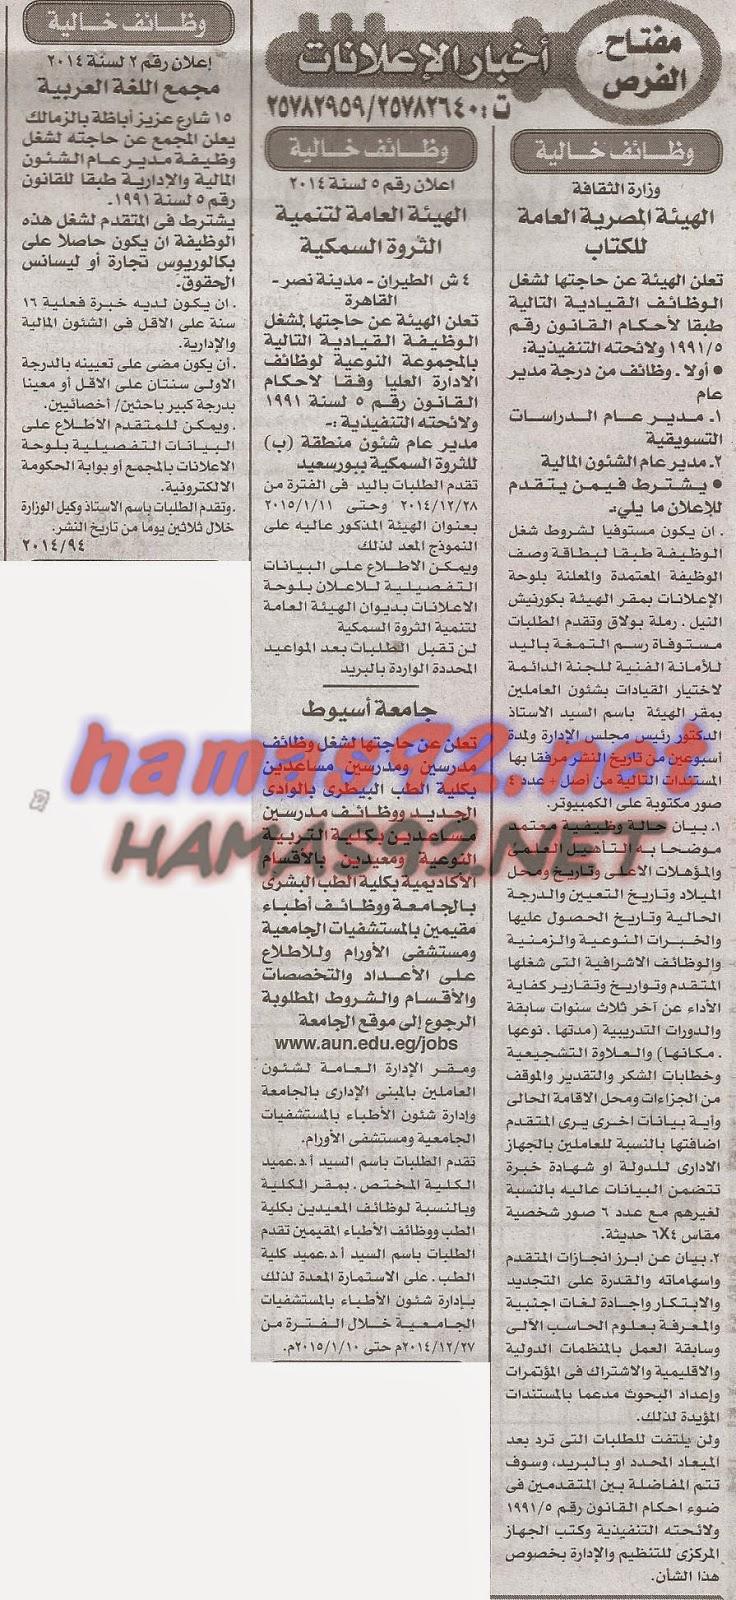 وظائف جريدة الاخبار الخميس 25/12/2021